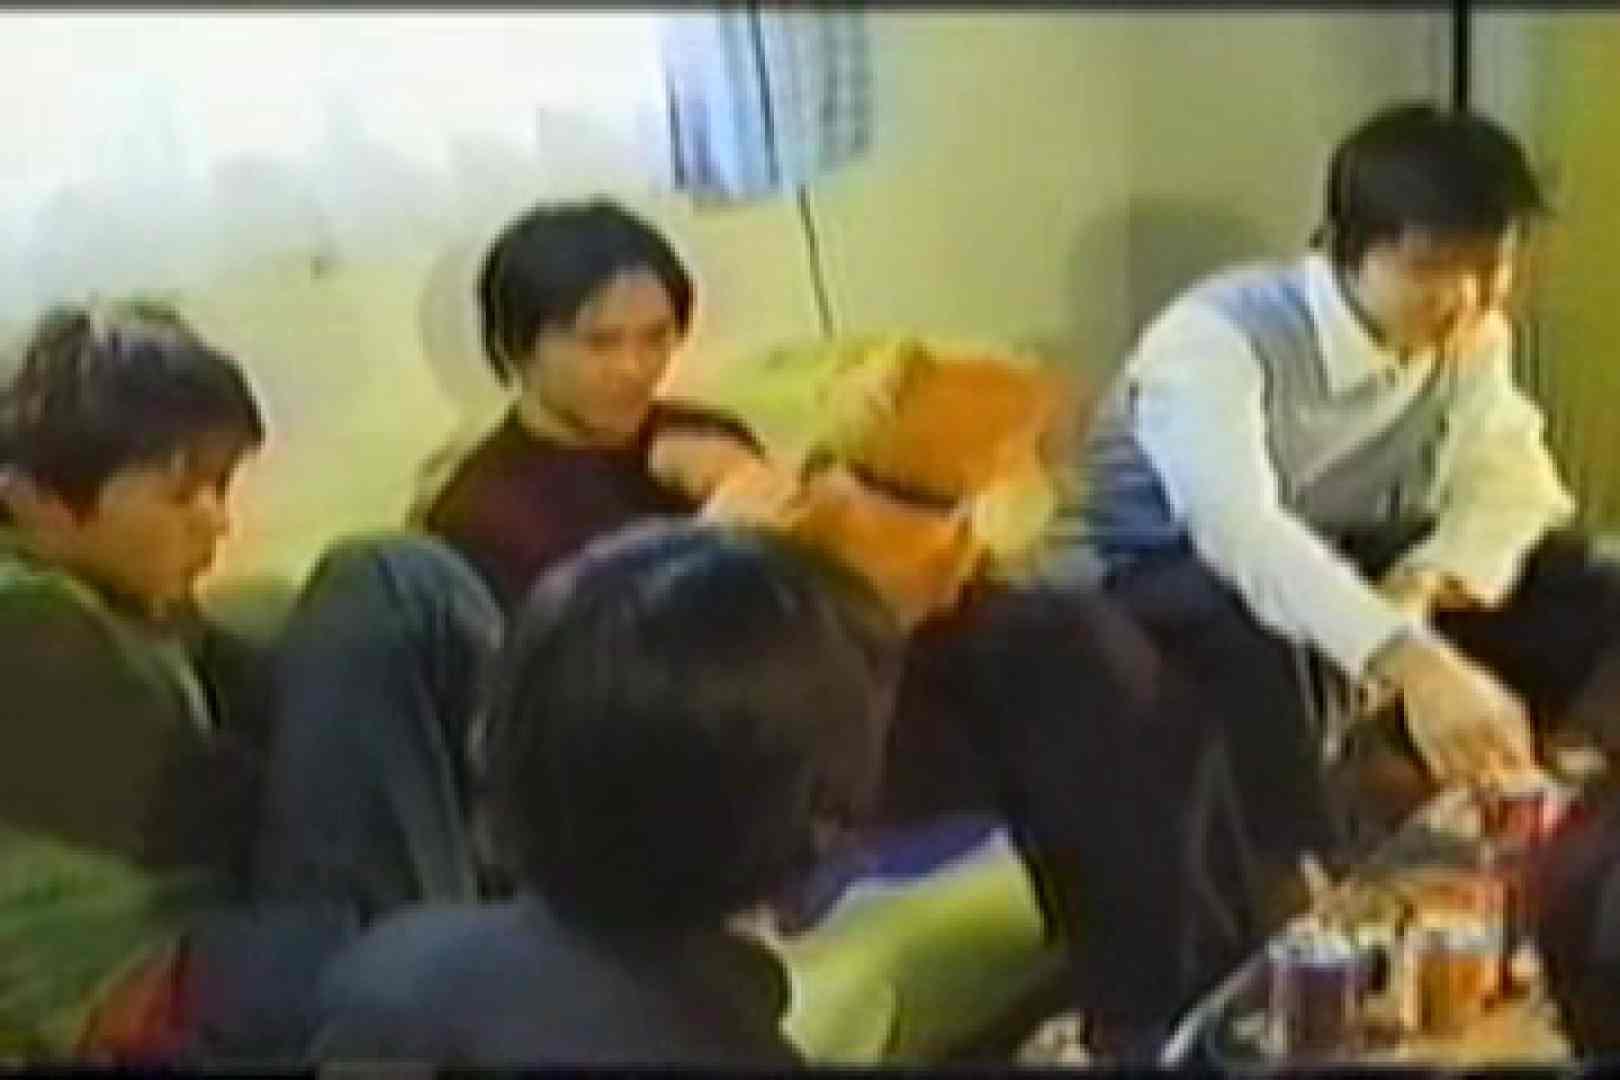 【流出】若者たちの集い 手コキ AV動画 89枚 61